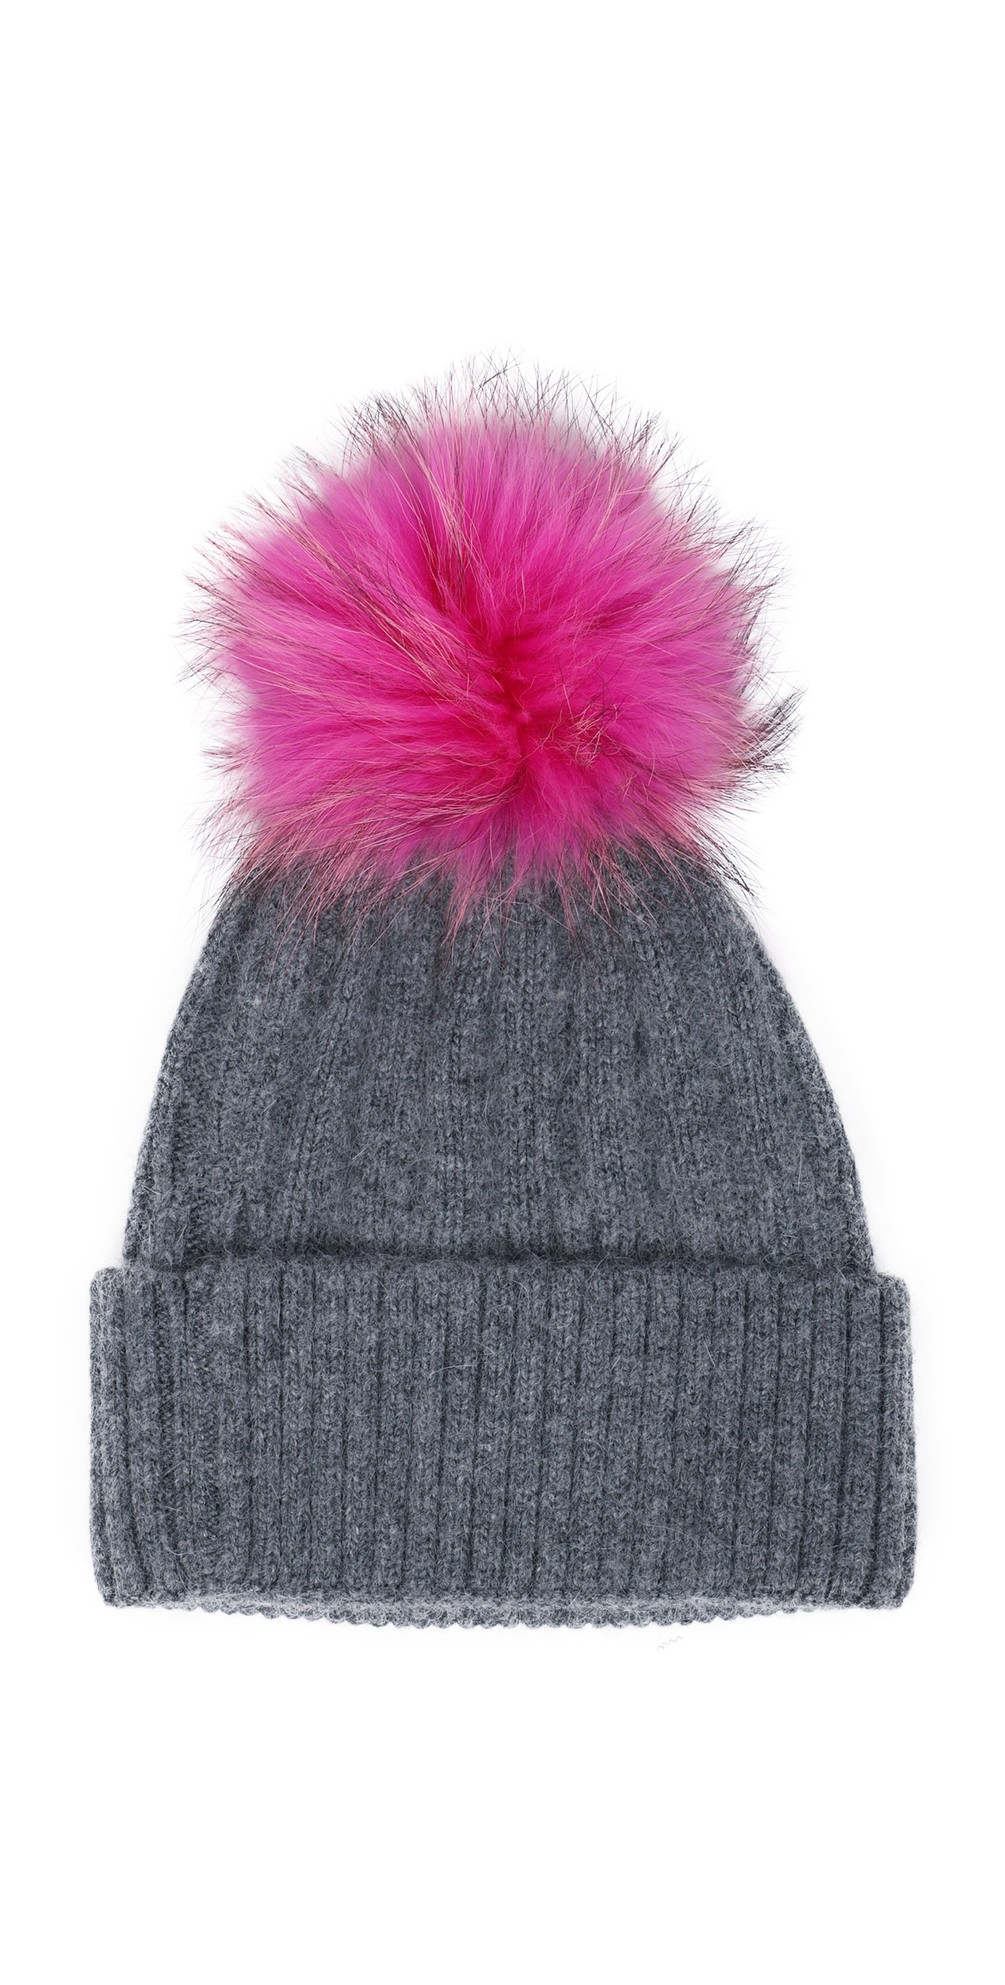 Jessie Pom Pom Hat  main image